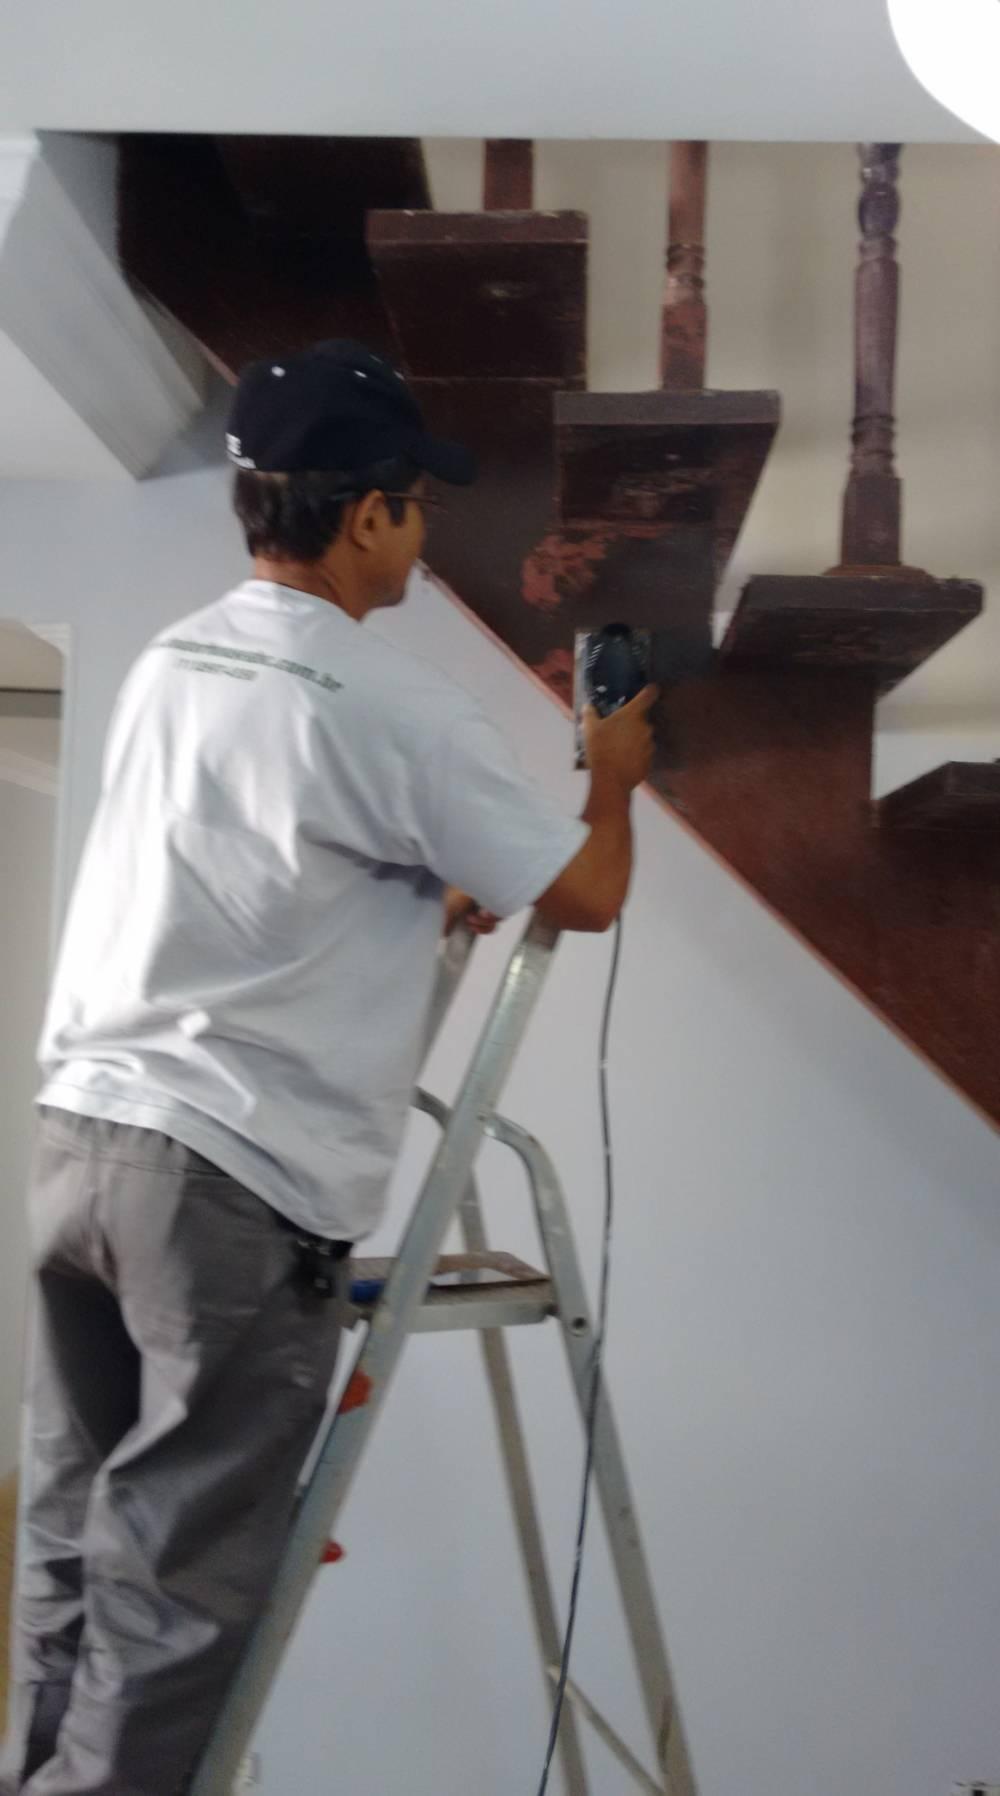 Manutenções para Residências Quanto Custa na Vila Helena - Manutenção Residencial SP